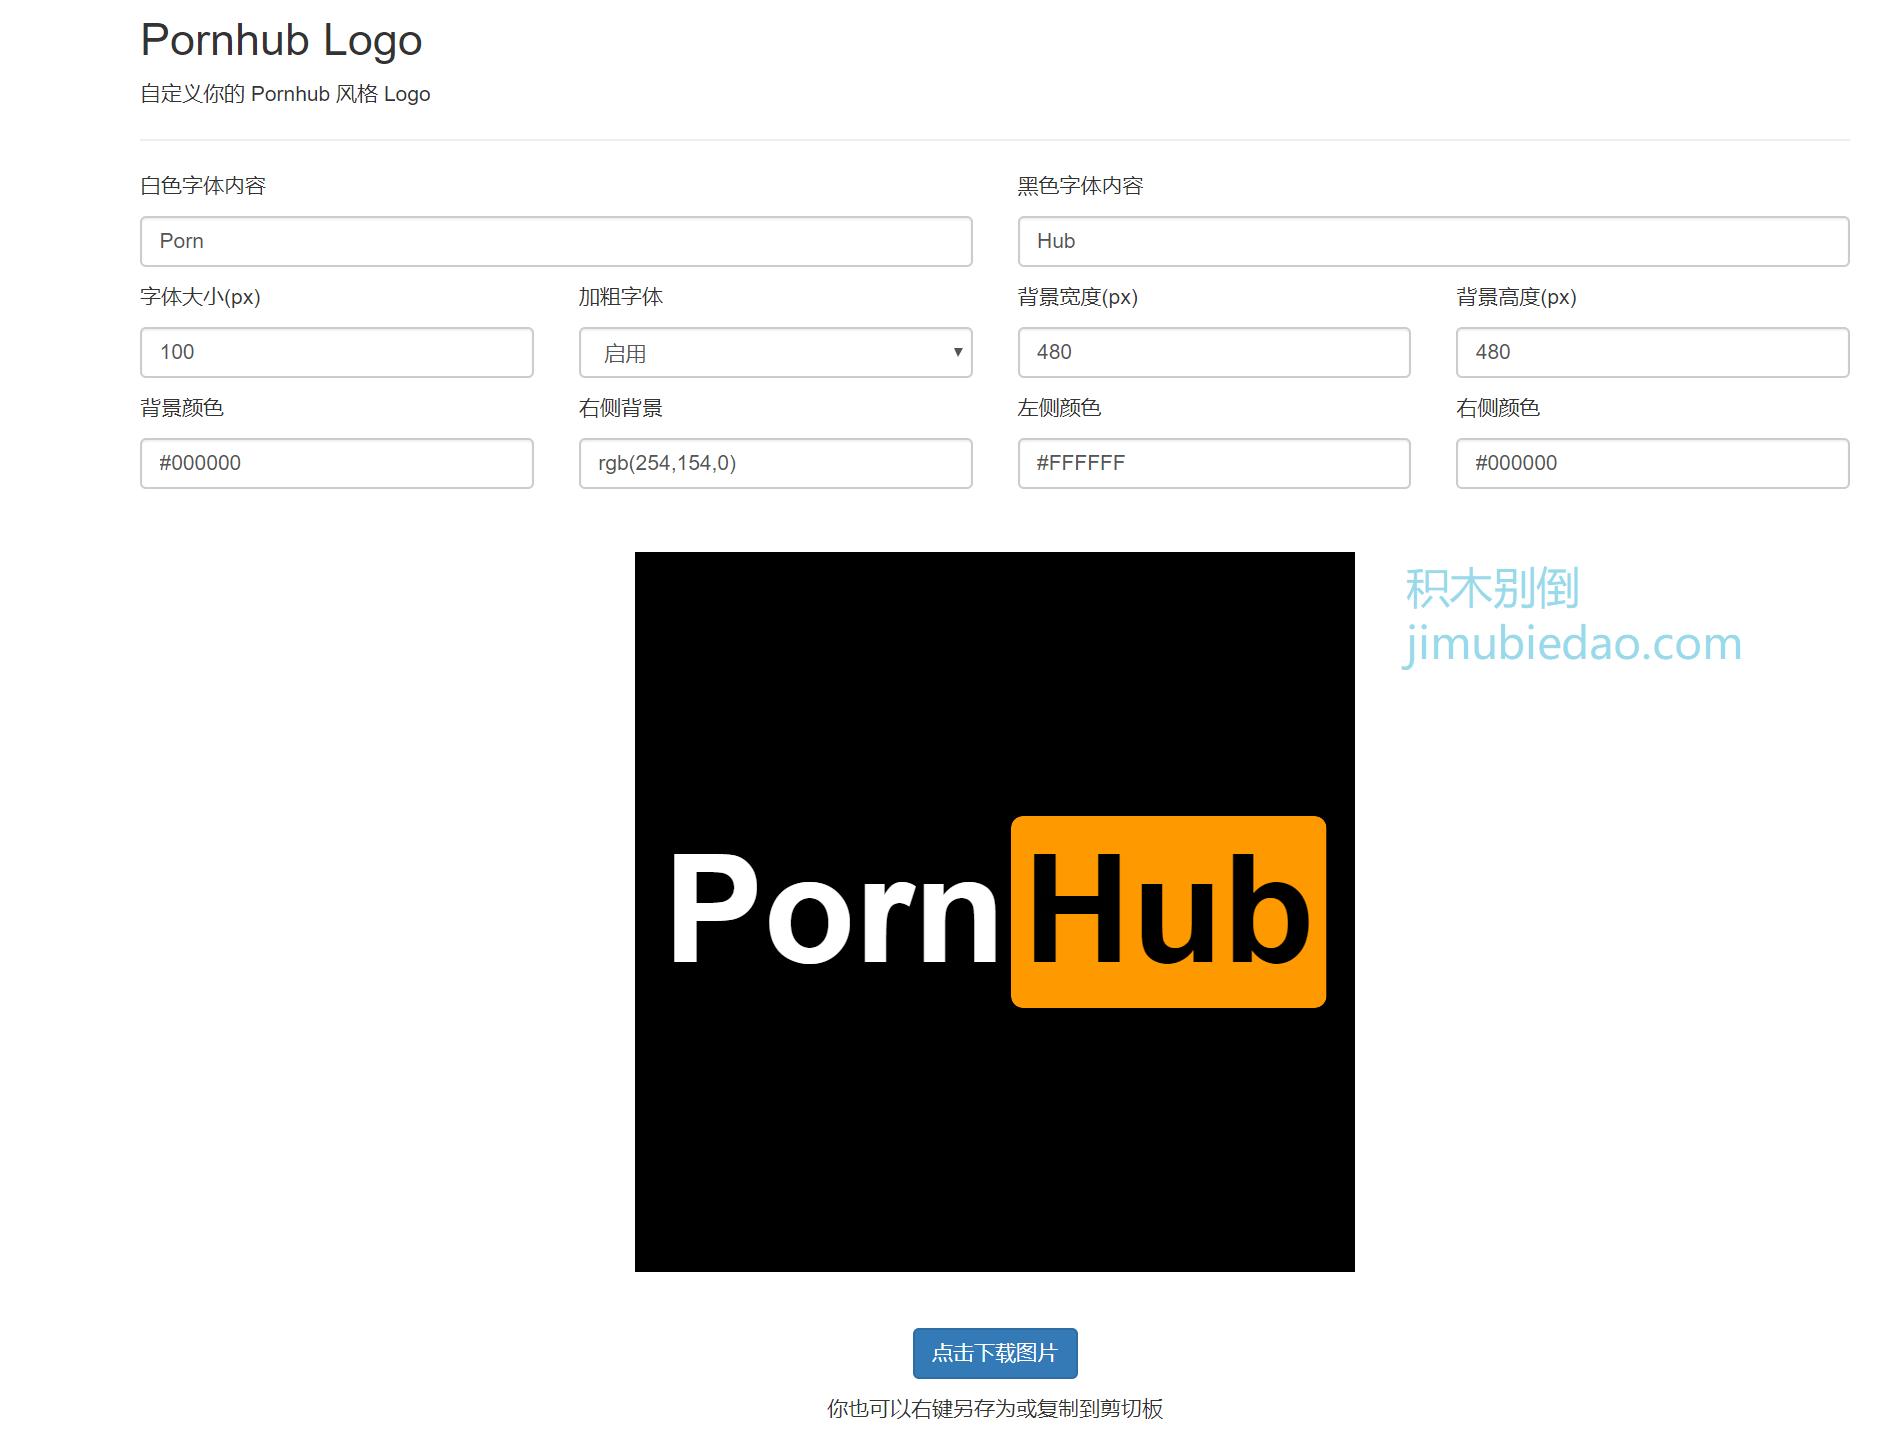 免费快速生成logo-pornhub和YouTube风格